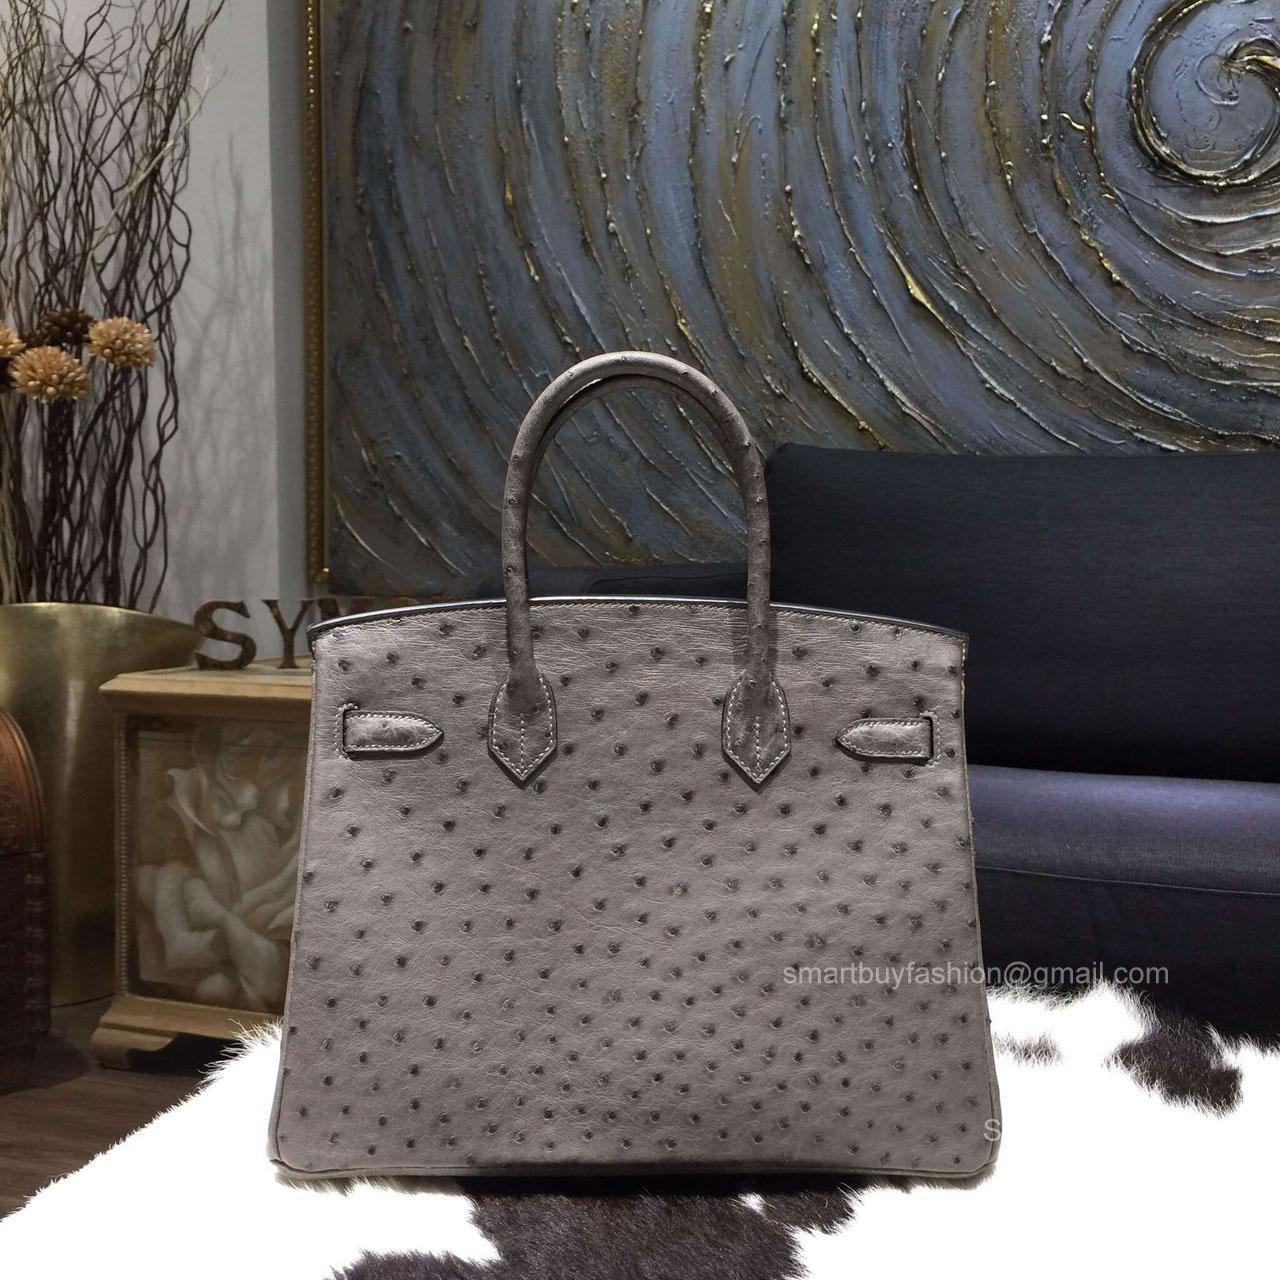 Hermes Birkin 35 Bag Mousse Gray Ostrich Leather Handstitched Gold hw - 2fa65d1204328